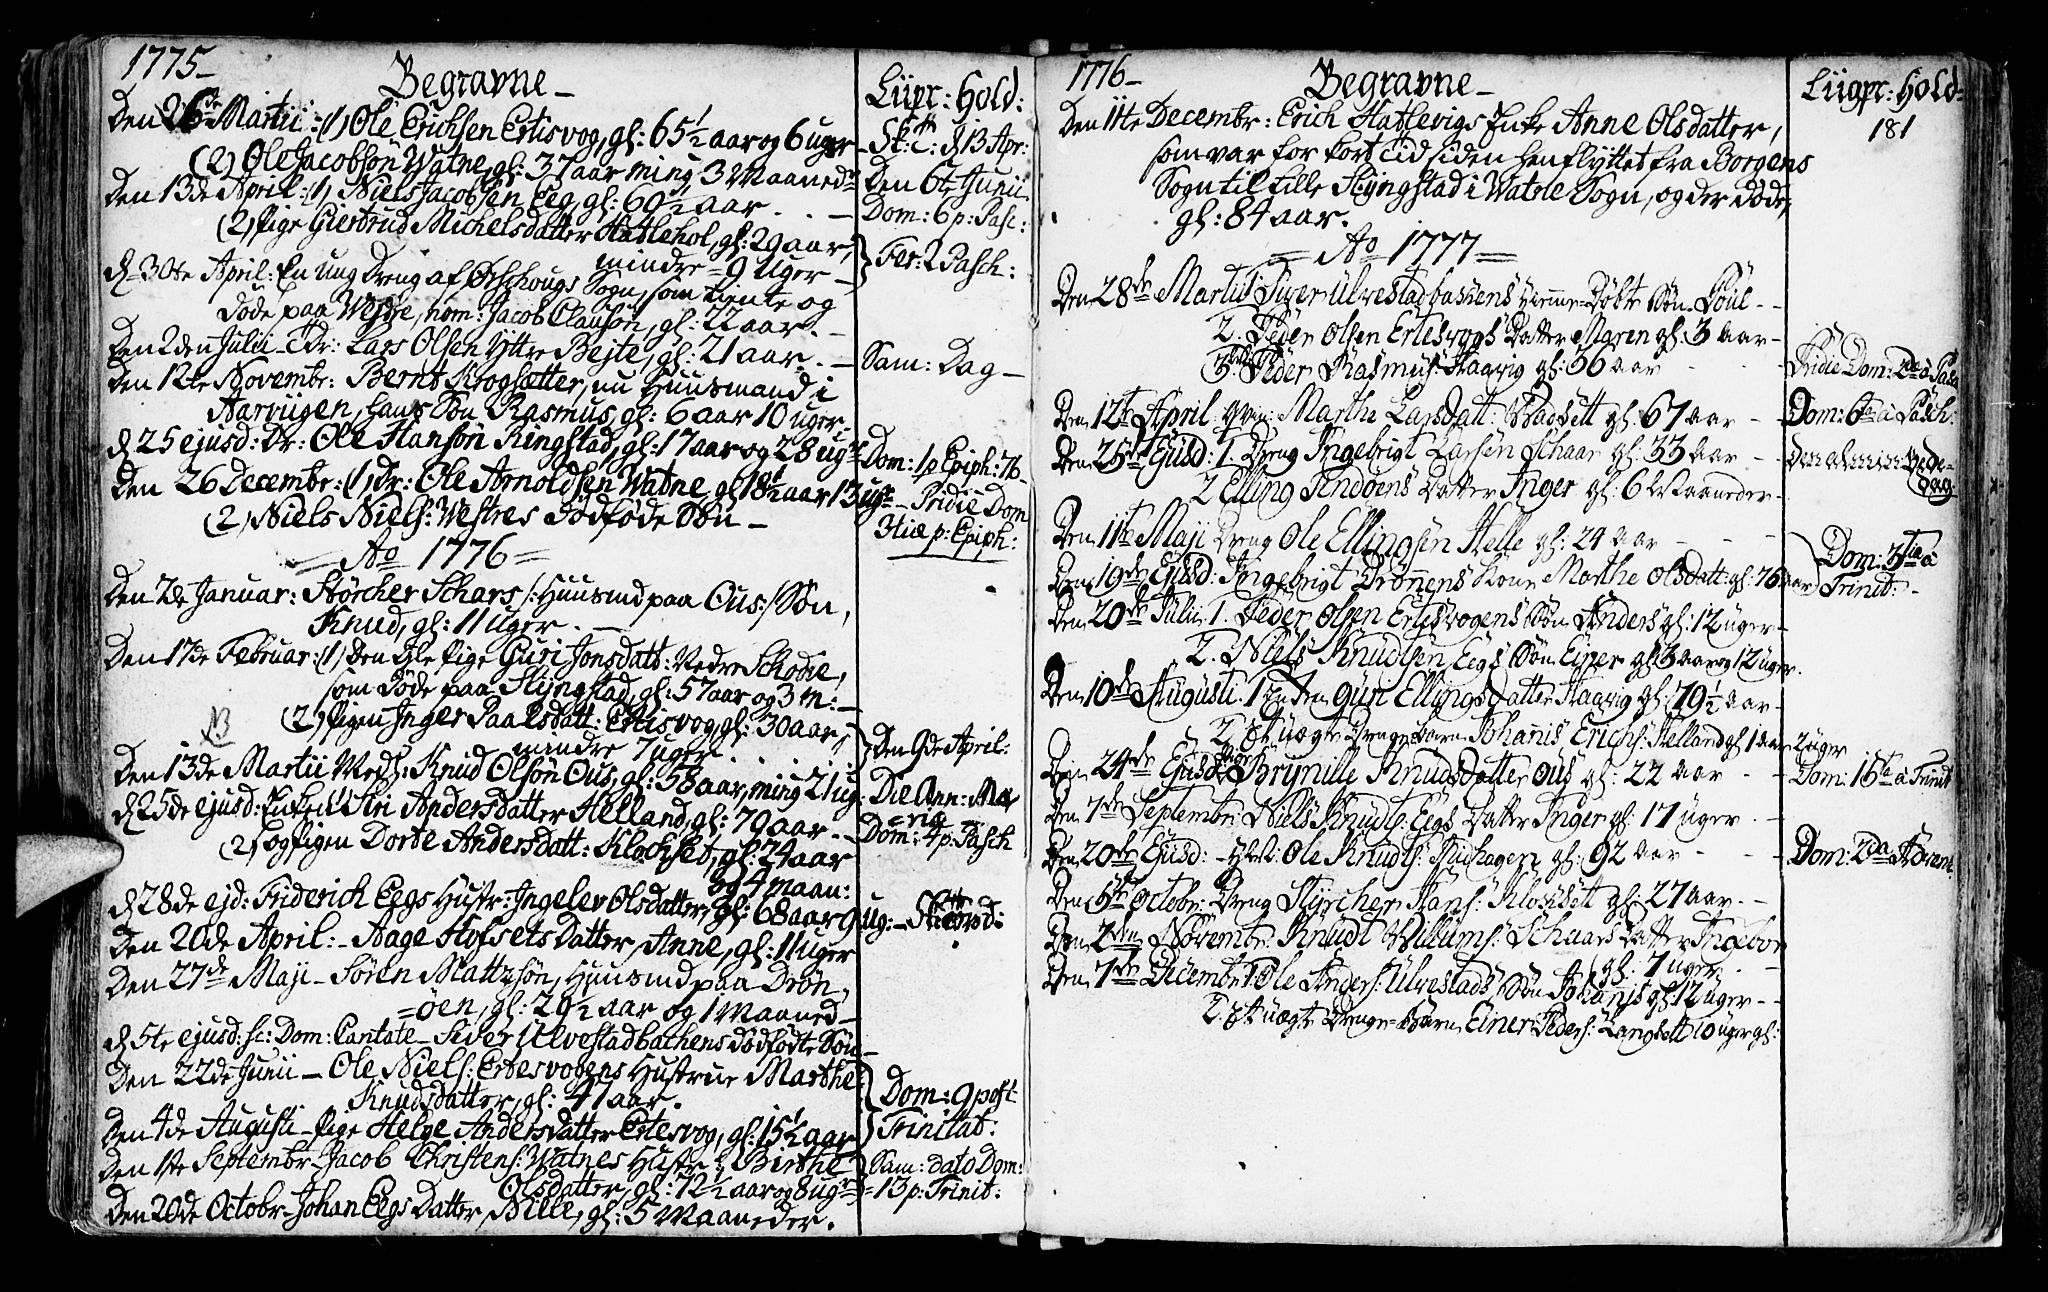 SAT, Ministerialprotokoller, klokkerbøker og fødselsregistre - Møre og Romsdal, 525/L0371: Ministerialbok nr. 525A01, 1699-1777, s. 181